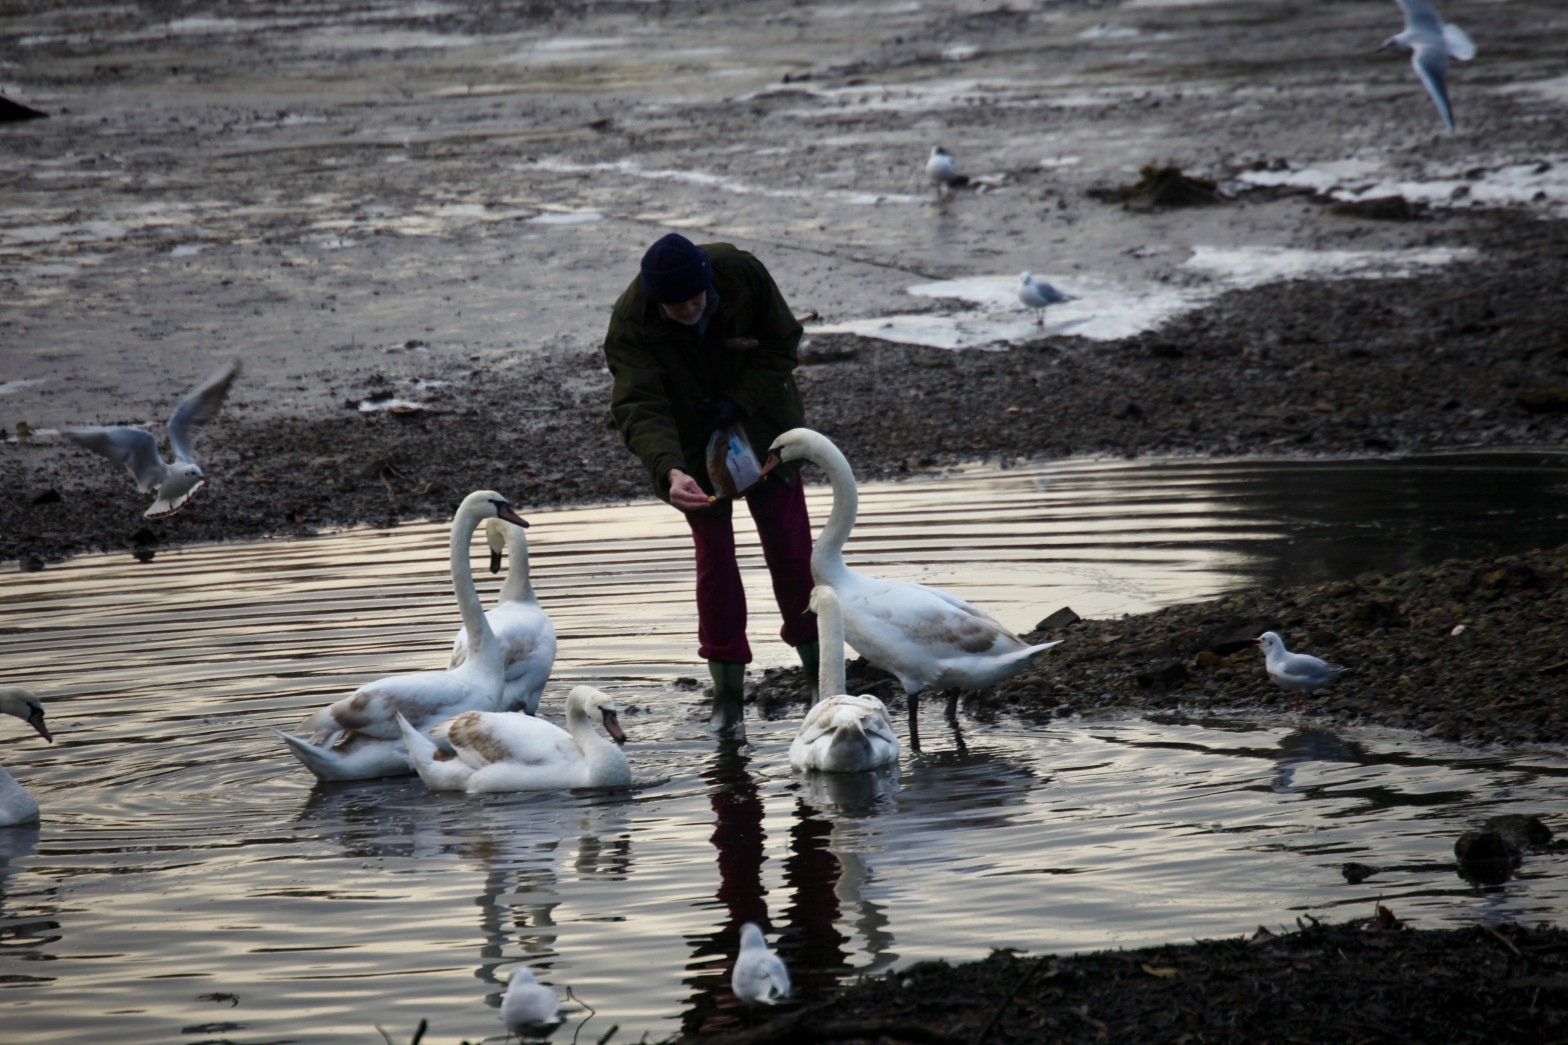 Man feeding swans 7